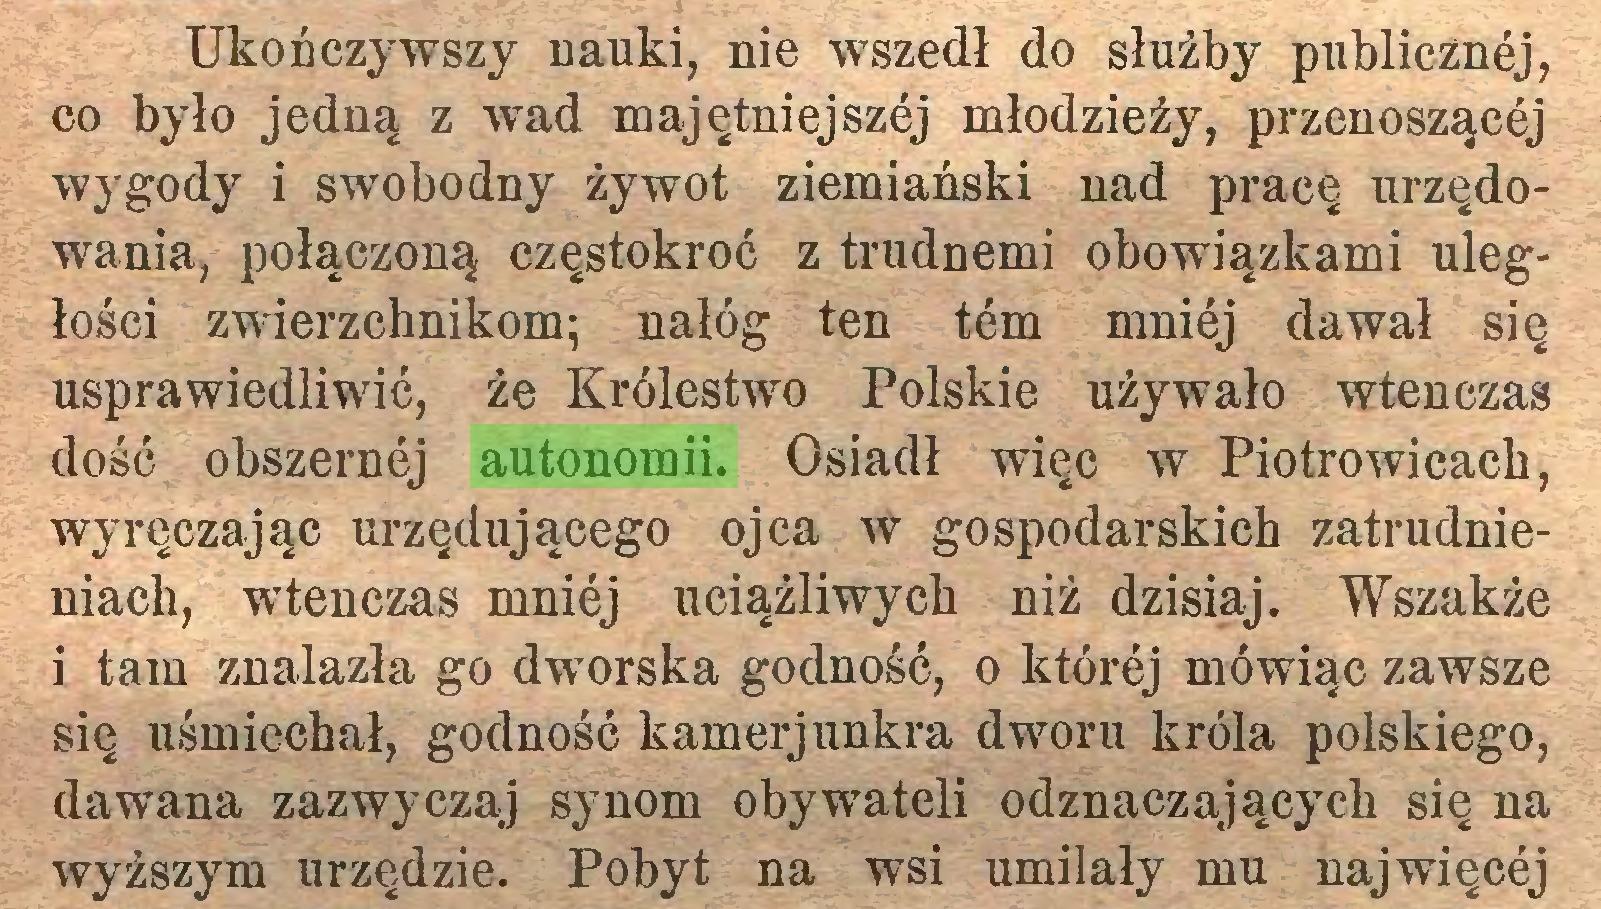 (...) Ukończywszy nauki, nie wszedł do służby publicznej, co było jedną z wad majętniejszej młodzieży, przenoszącej wygody i swobodny żywot ziemiański nad pracę urzędowania, połączoną częstokroć z trudnemi obowiązkami uległości zwierzchnikom; nałóg ten tern mniej dawał się usprawiedliwić, że Królestwo Polskie używało wtenczas dość obszernej autonomii. Osiadł więc w Piotrowicach, wyręczając urzędującego ojca w gospodarskich zatrudnieniach, wtenczas mniej uciążliwych niż dzisiaj. Wszakże i tam znalazła go dworska godność, o której mówiąc zawsze się uśmiechał, godność kamerjunkra dworu króla polskiego, dawana zazwyczaj synom obywateli odznaczających się na wyższym urzędzie. Pobyt na wsi umilały mu najwięcej...